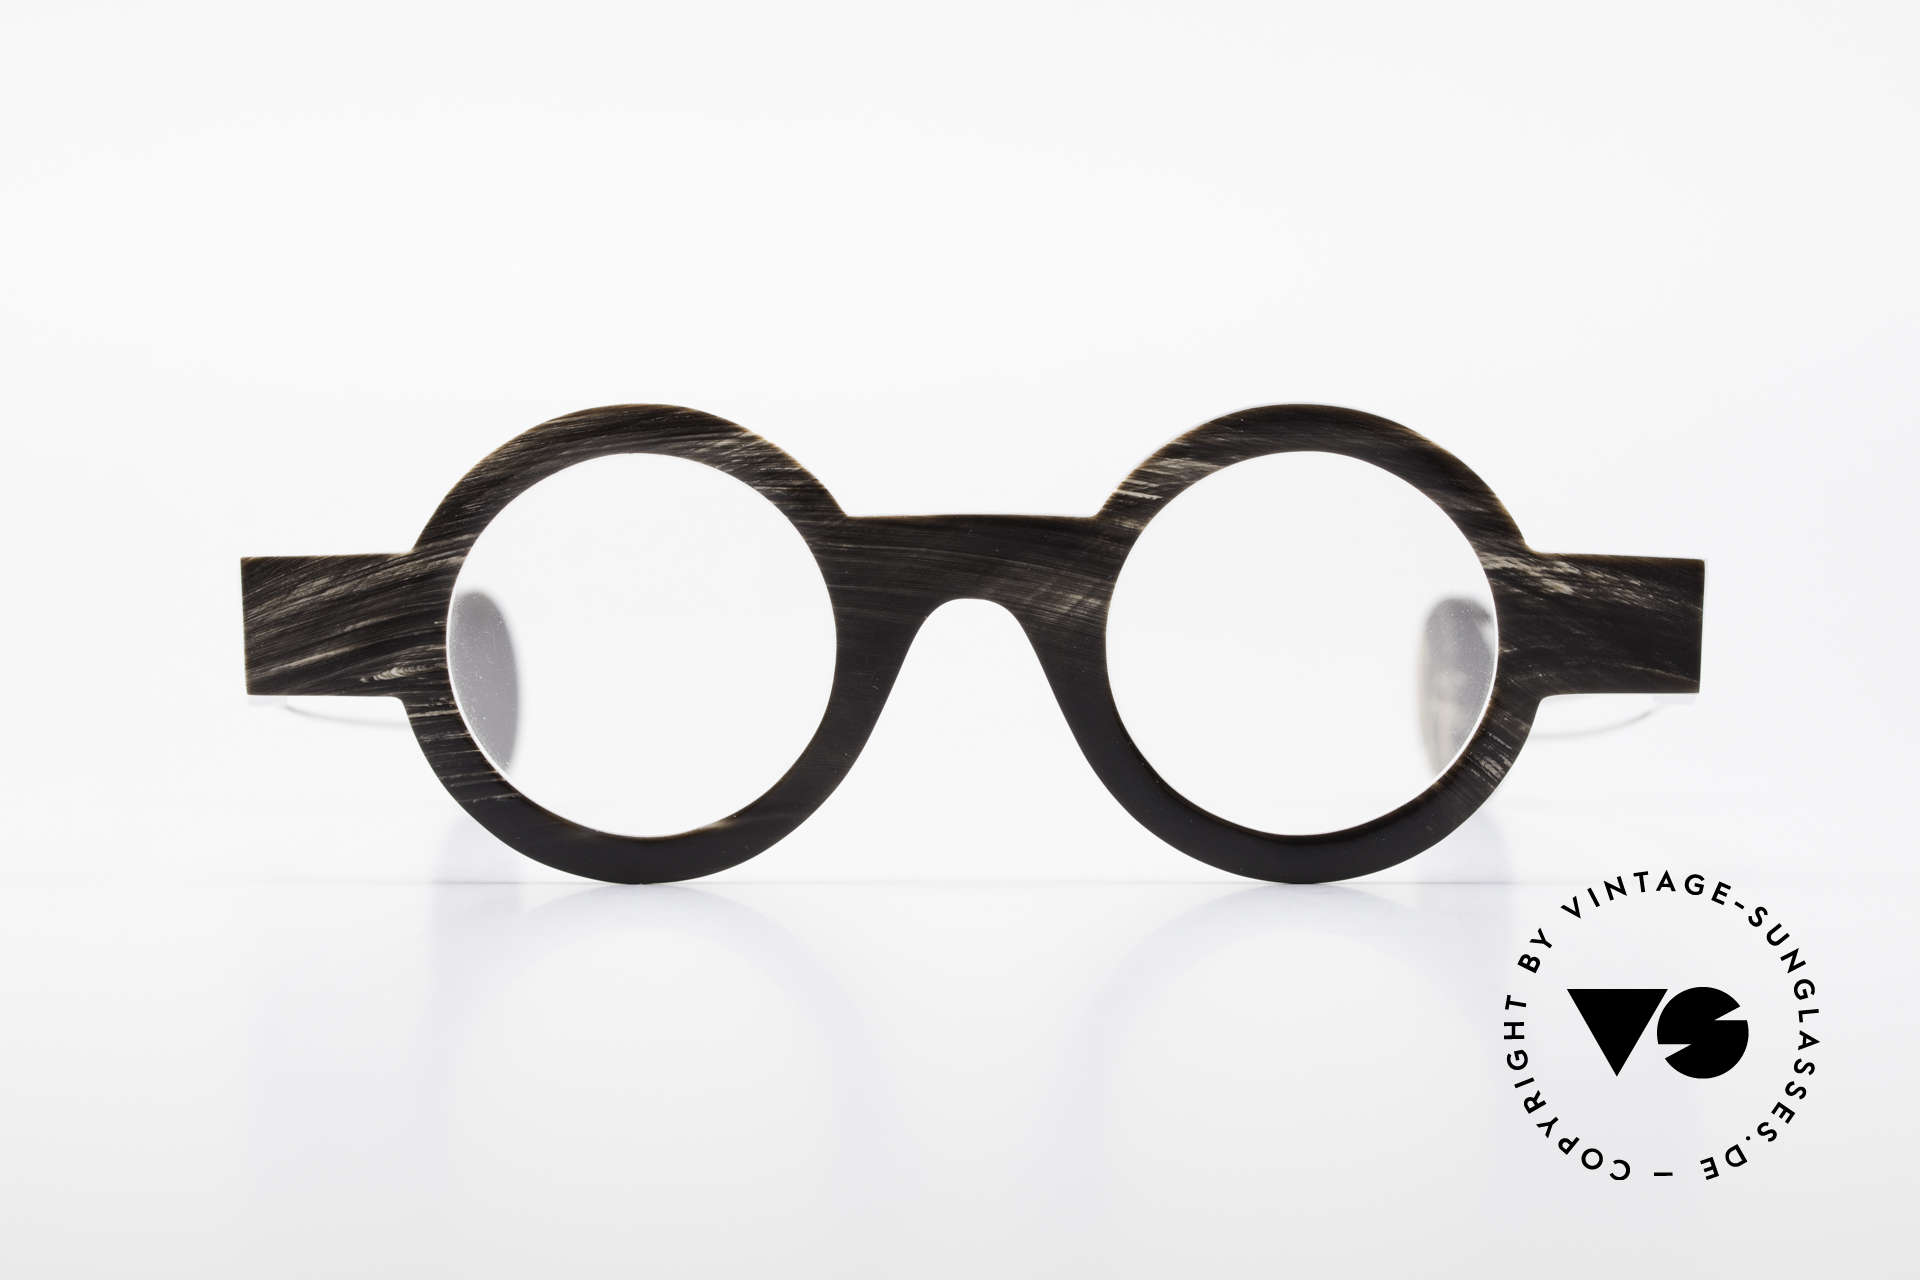 P. Klenk Bold 023 Horn Brille Eindrehbare Bügel, absolute Rarität aus Büffelhorn in Handarbeit gefertigt, Passend für Herren und Damen